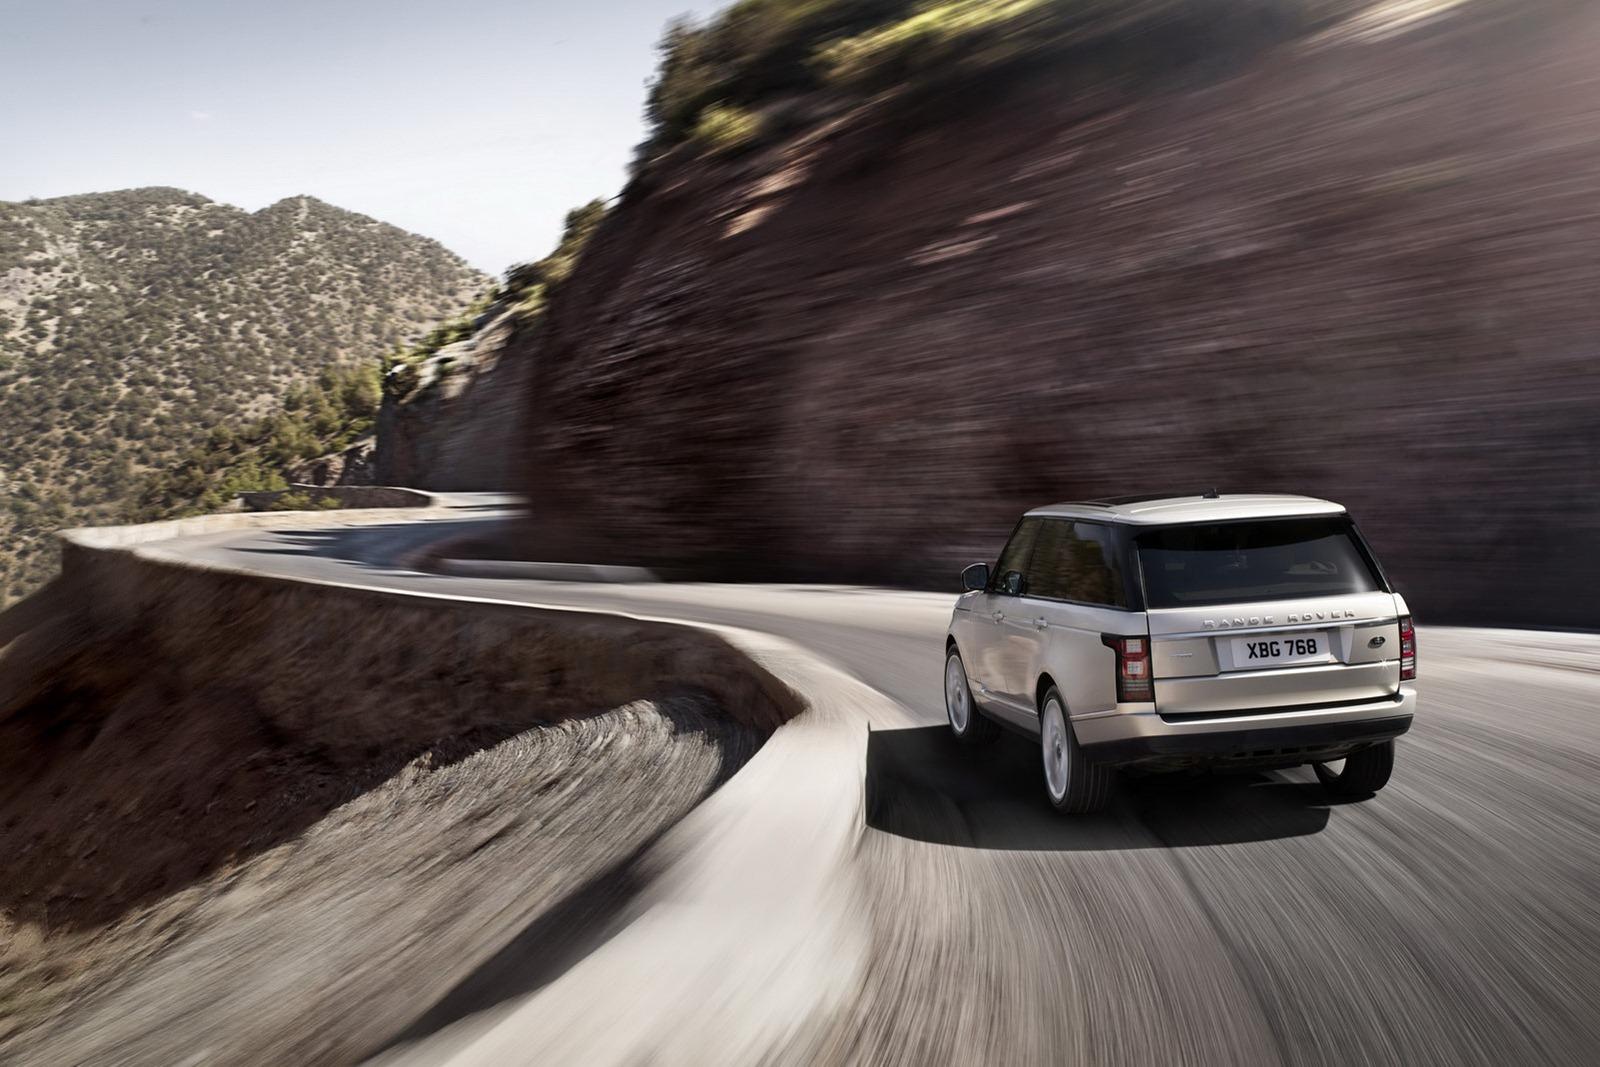 2013-Range-Rover-59%25255B2%25255D.jpg